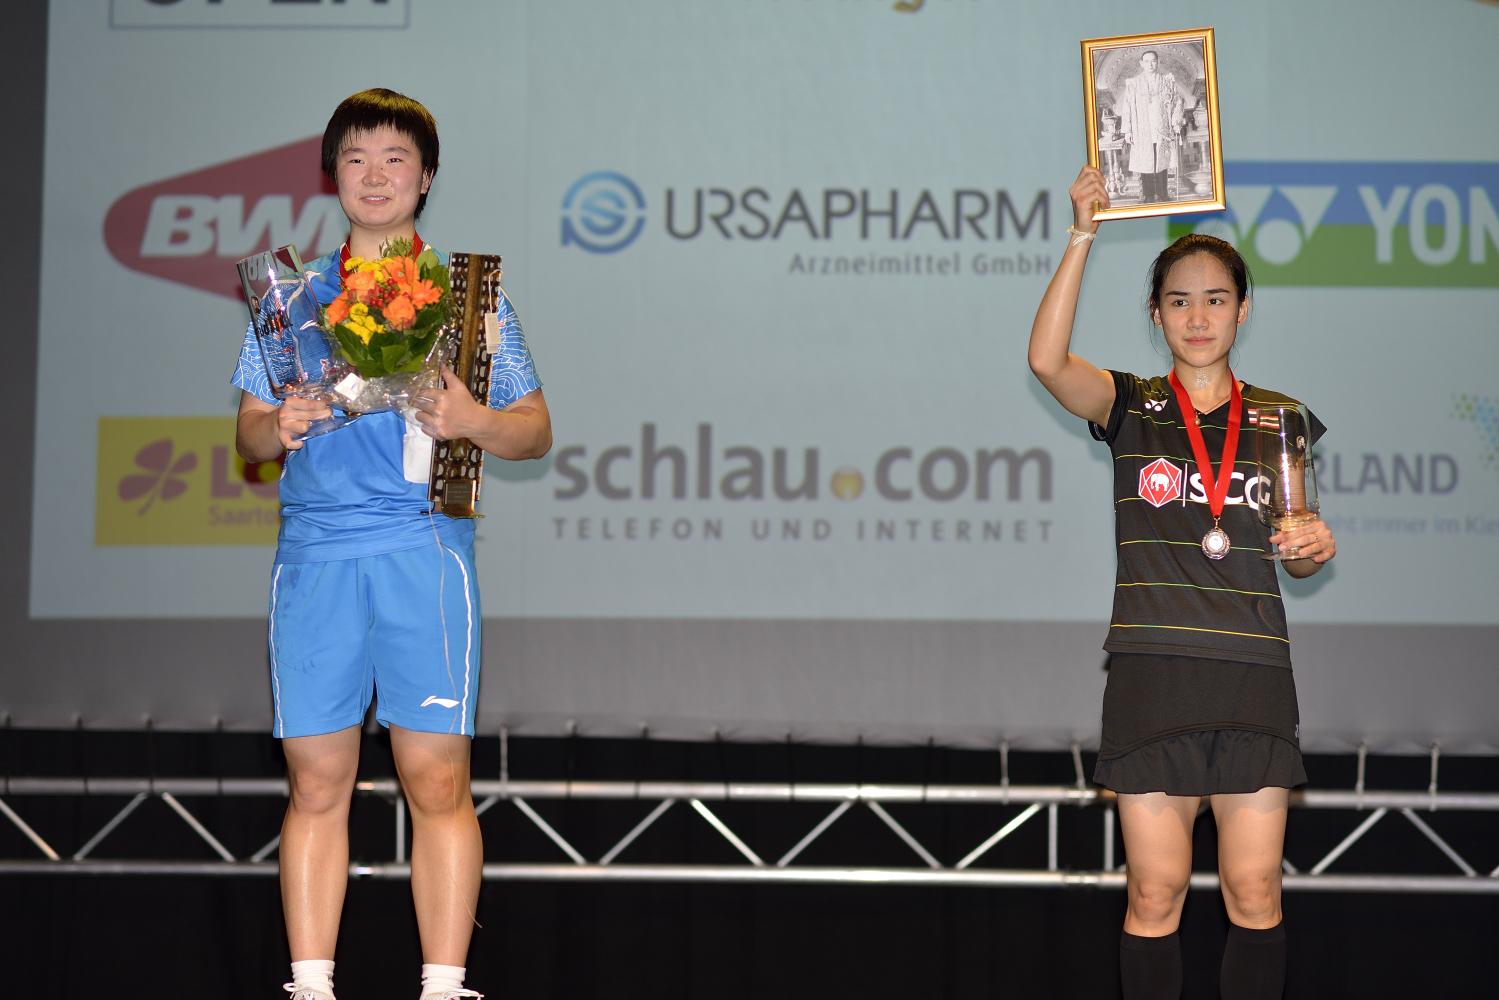 Der neue Star bei Chinas Einzeldamen: He Bingjiao holt nach den French Open auch den Titel in Saarbrücken